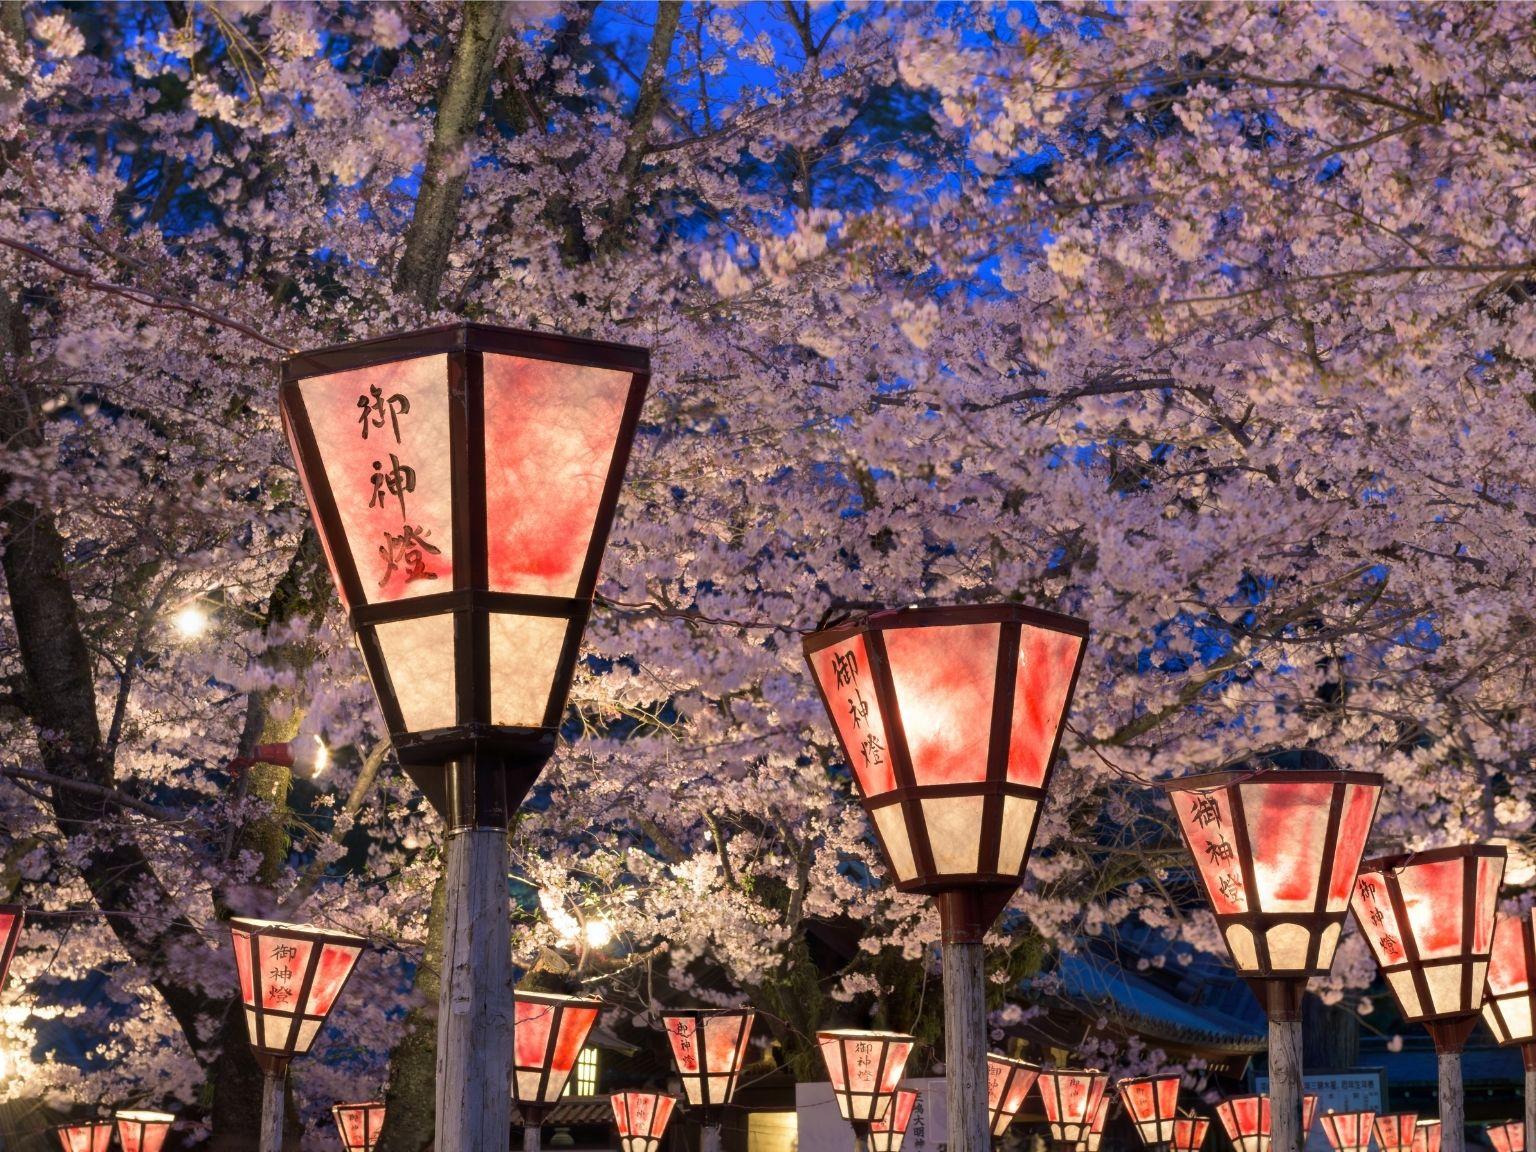 Japanske lanterner og kirsebærtræer